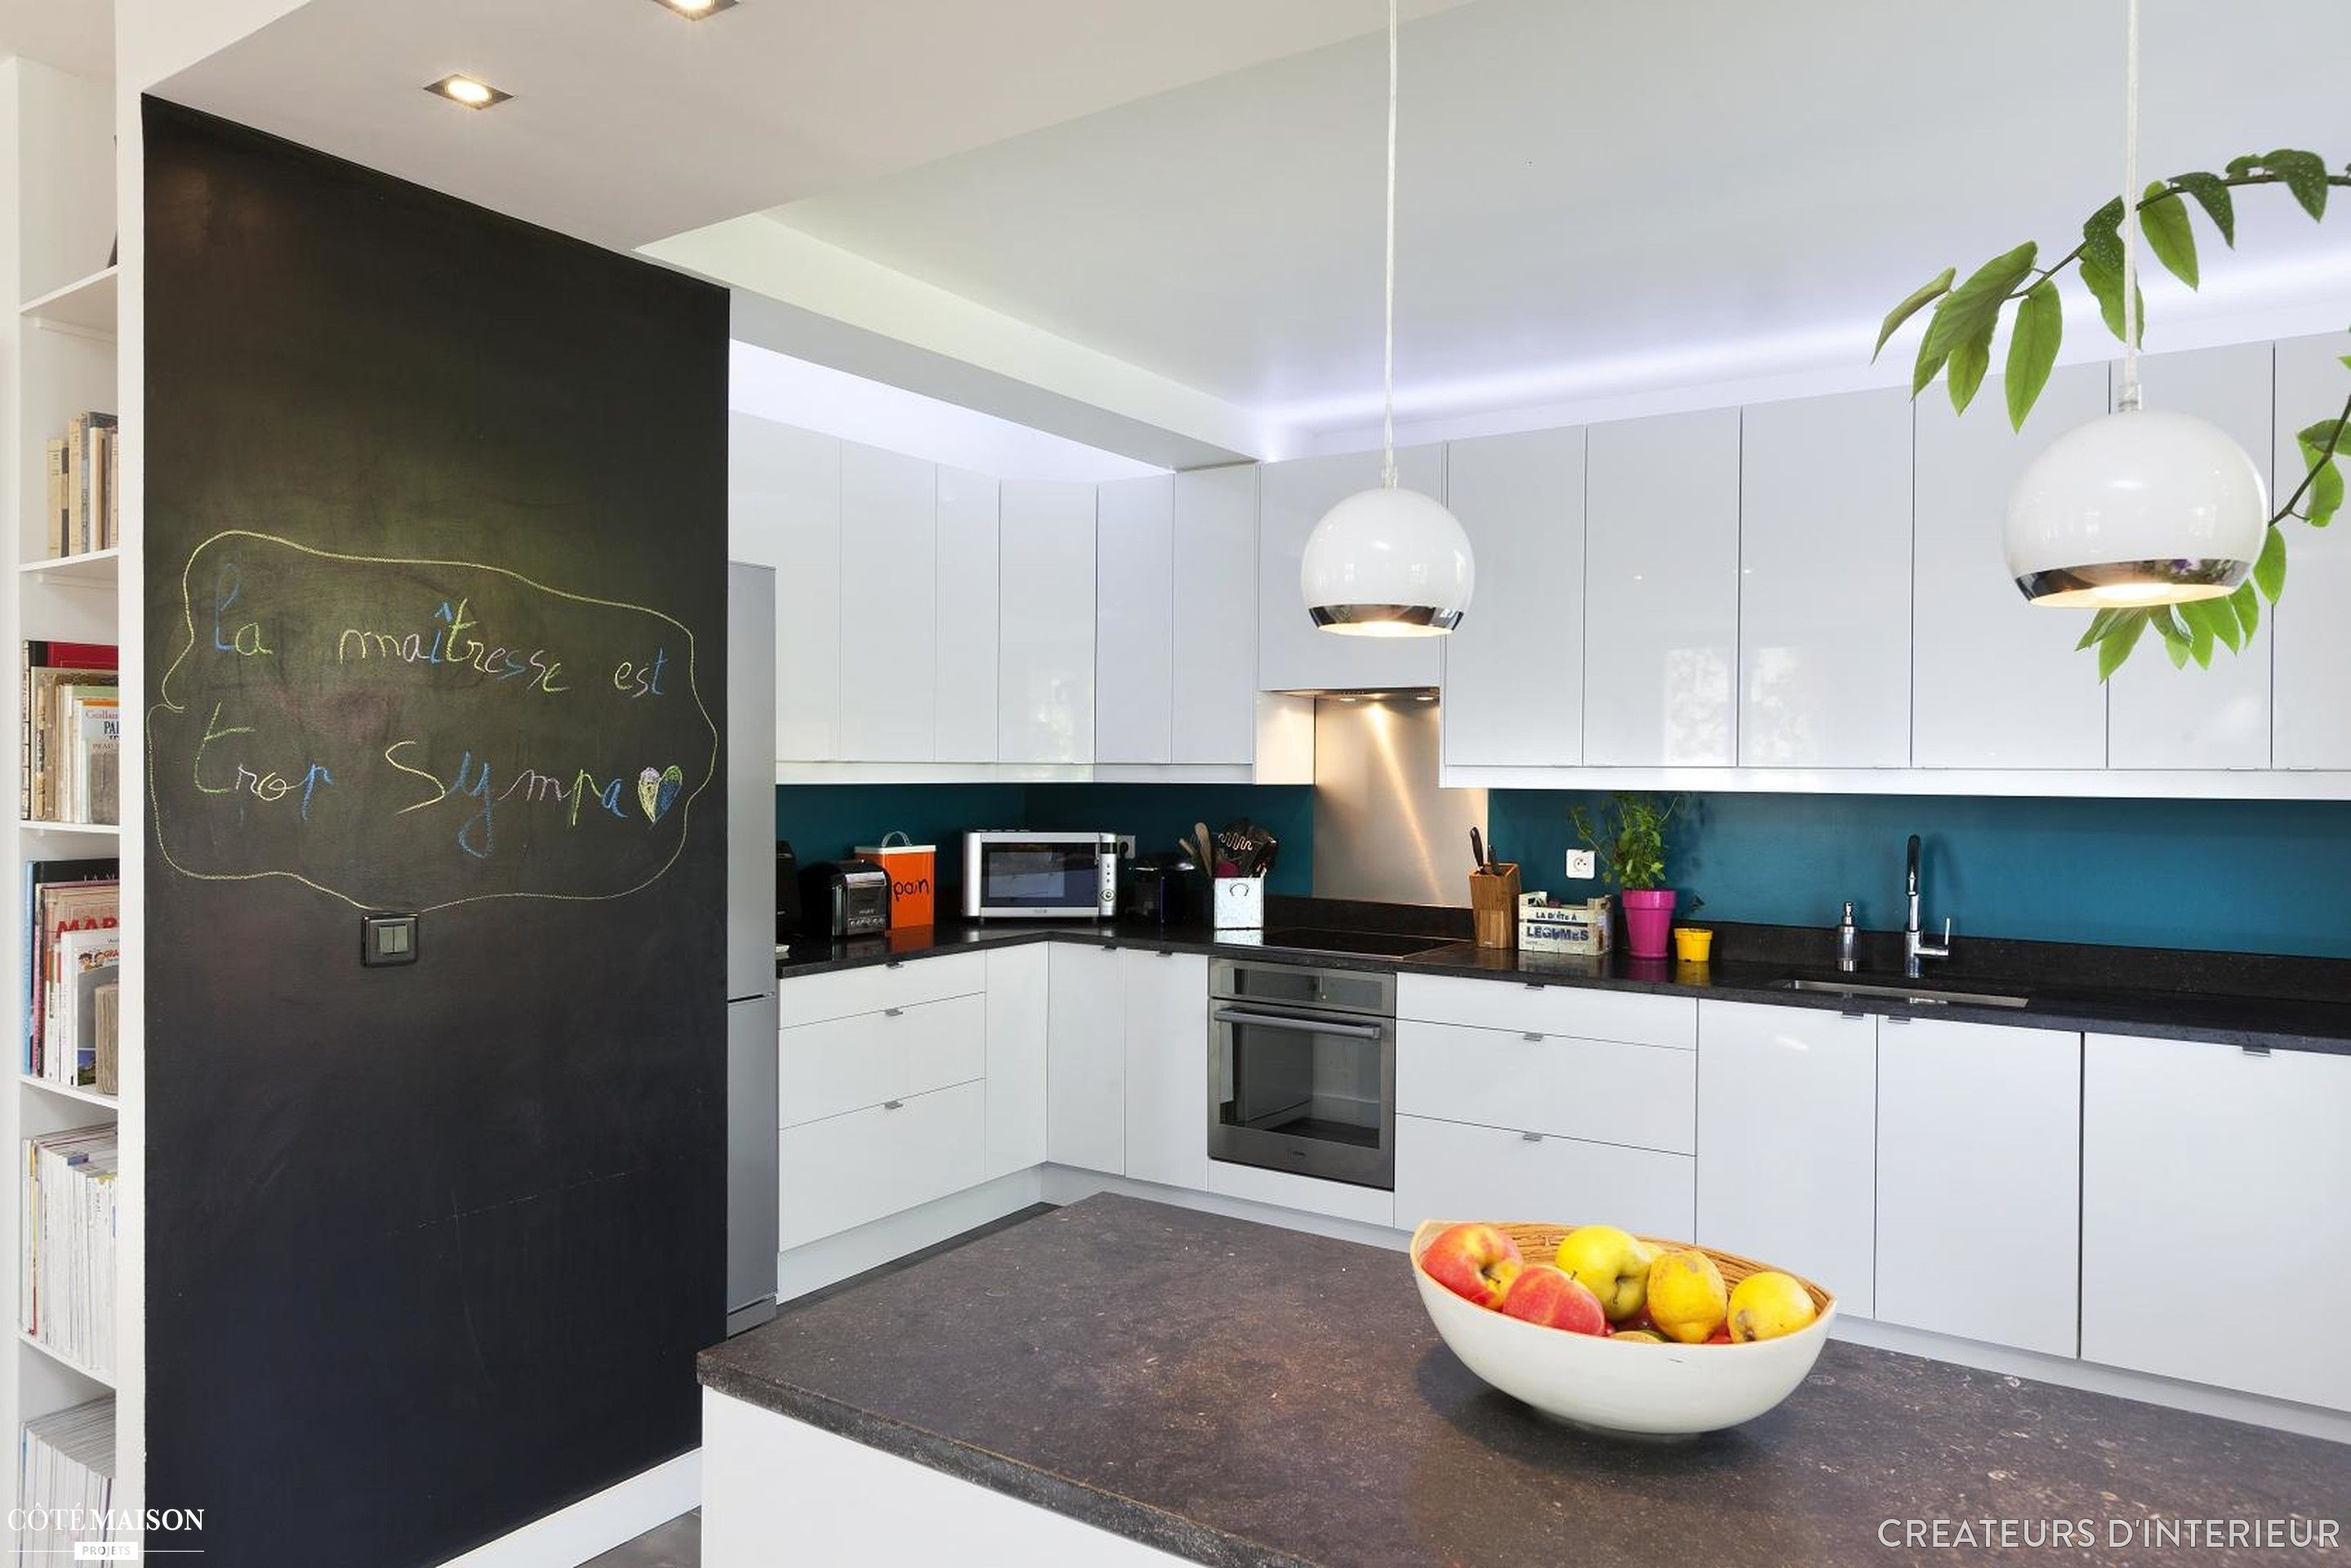 Maison  Cuisine turquoise, Idée déco cuisine, Cuisine moderne